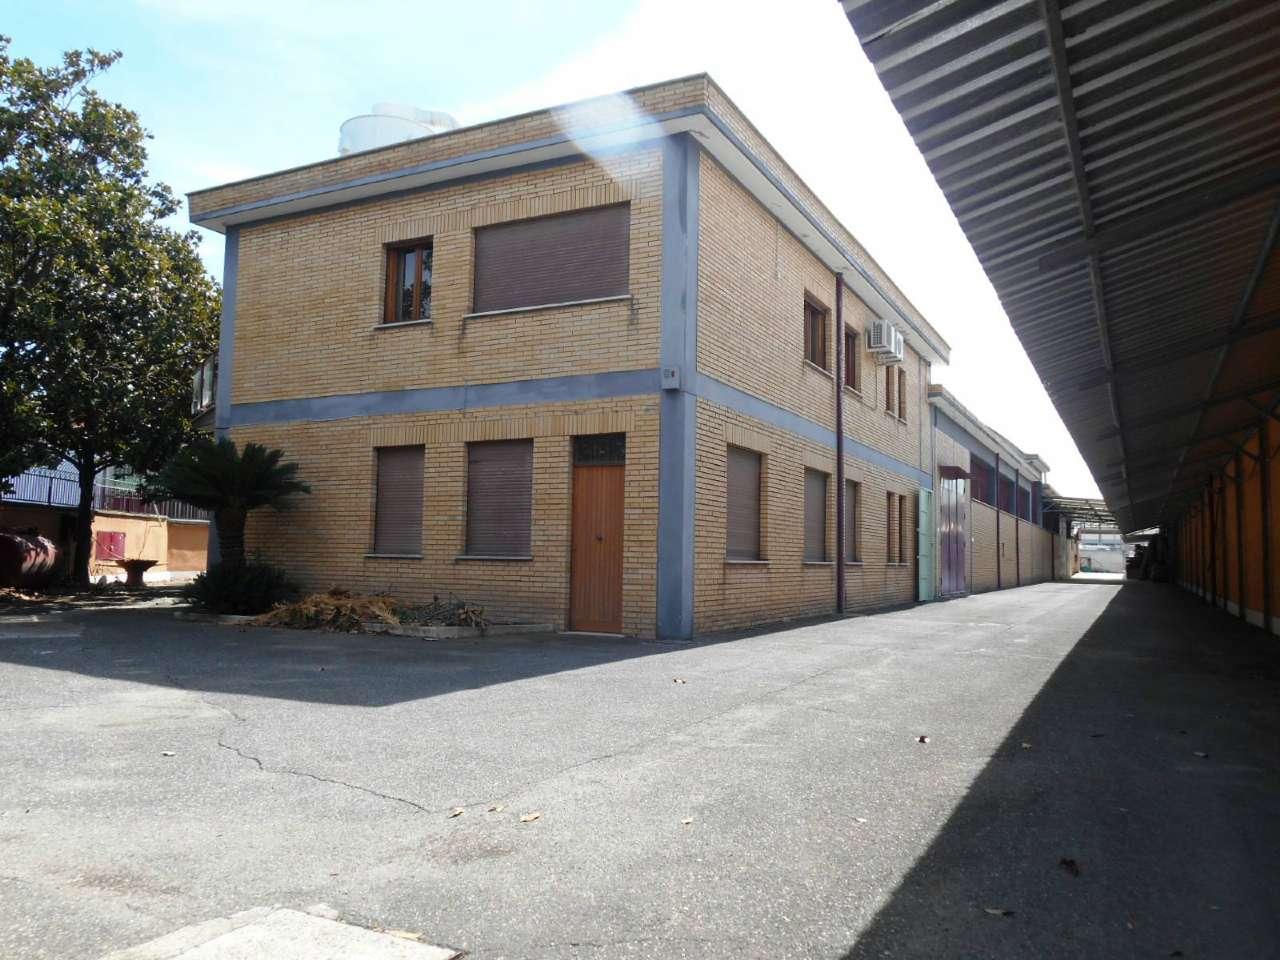 Immobili commerciali in vendita a ciampino for Immobili commerciali affitto roma